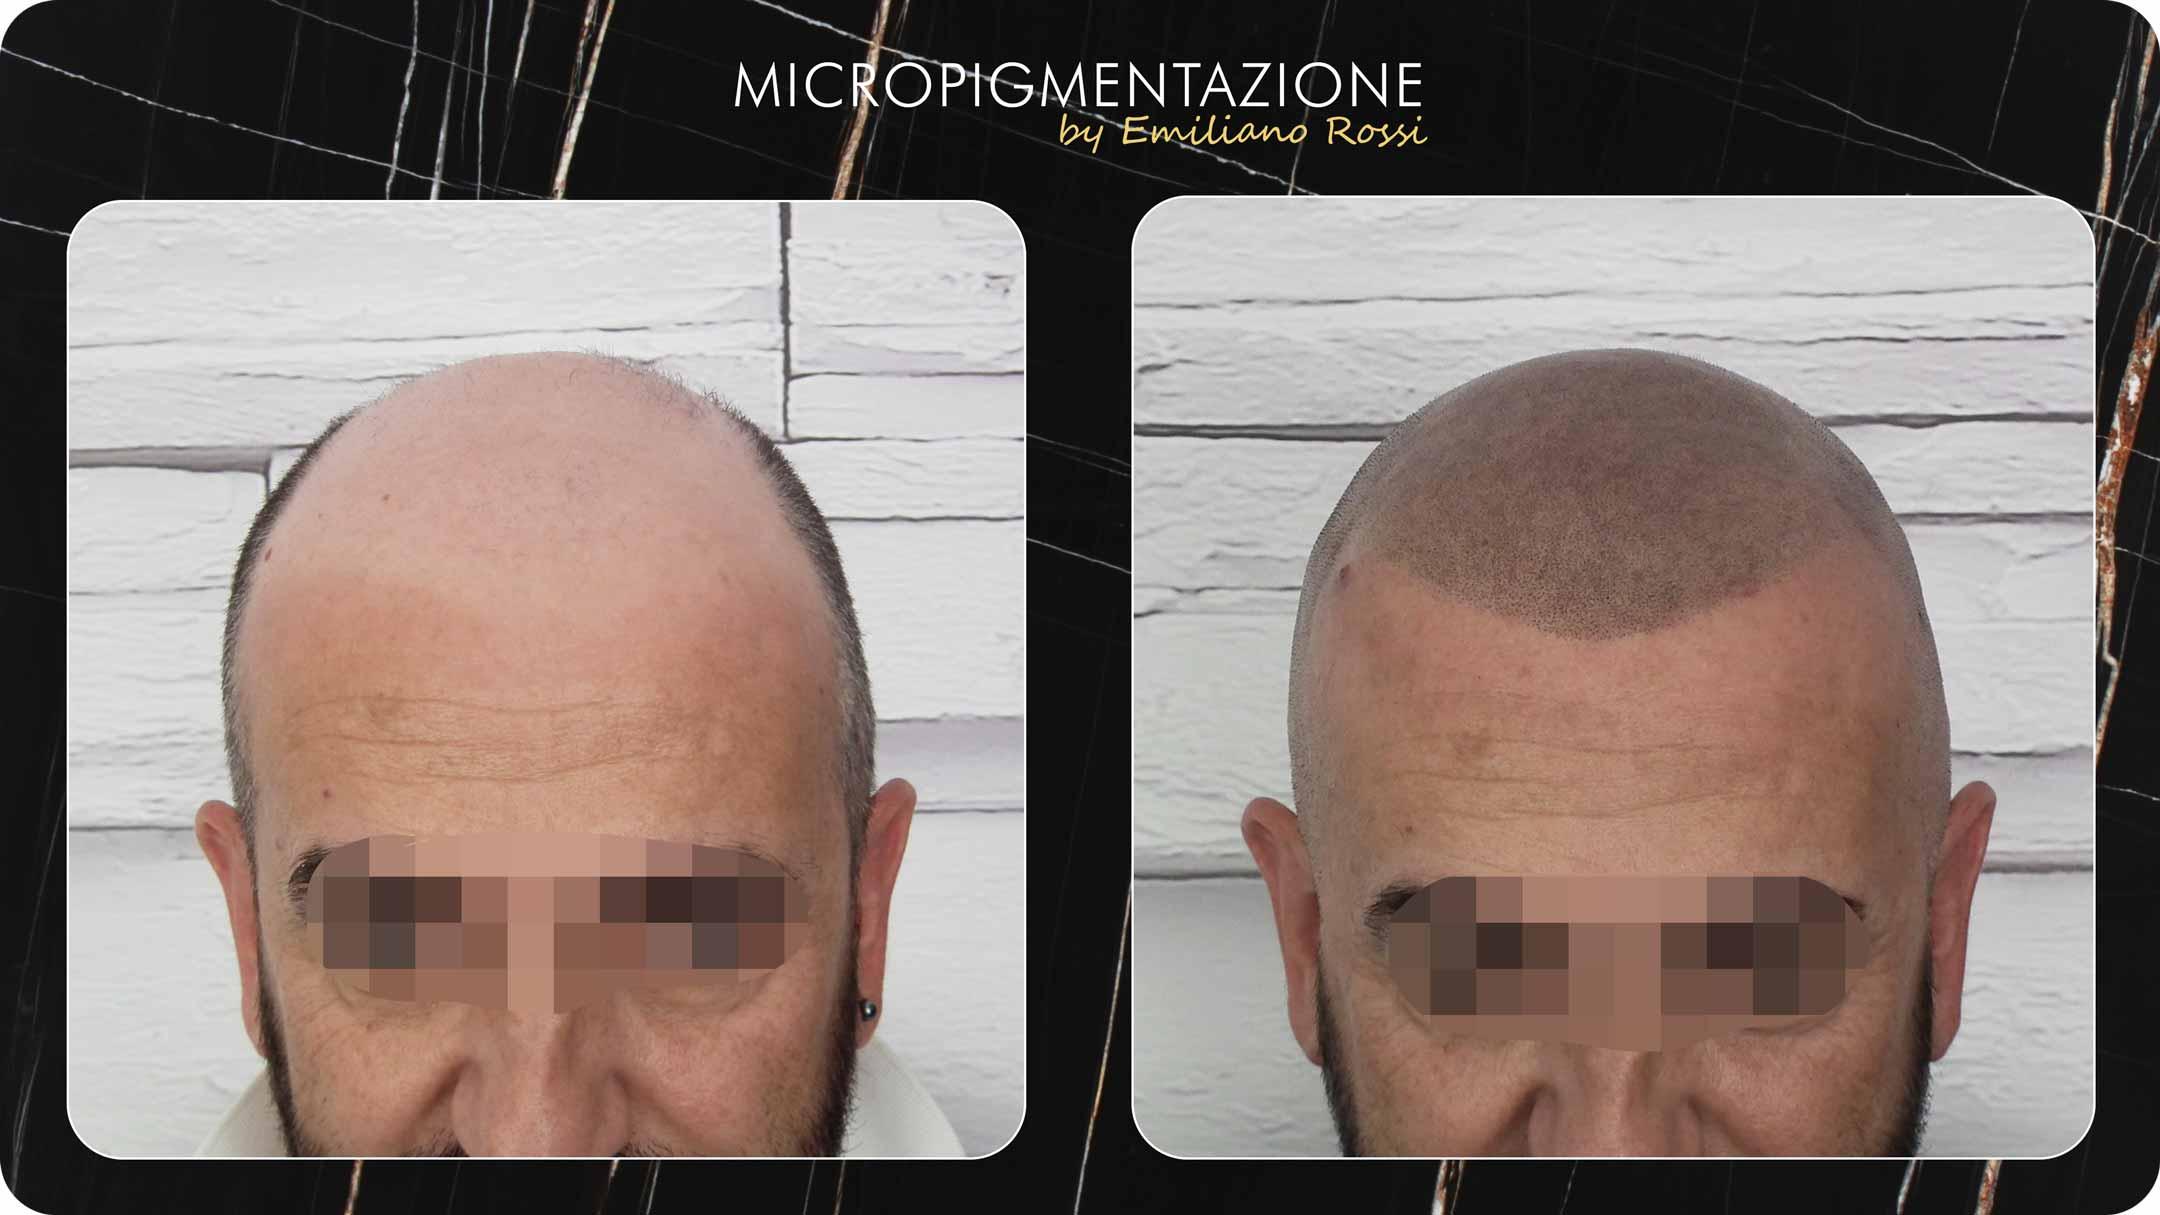 Emiliano-rossi-micropigmentazione-Portfolio-mauro-fronte